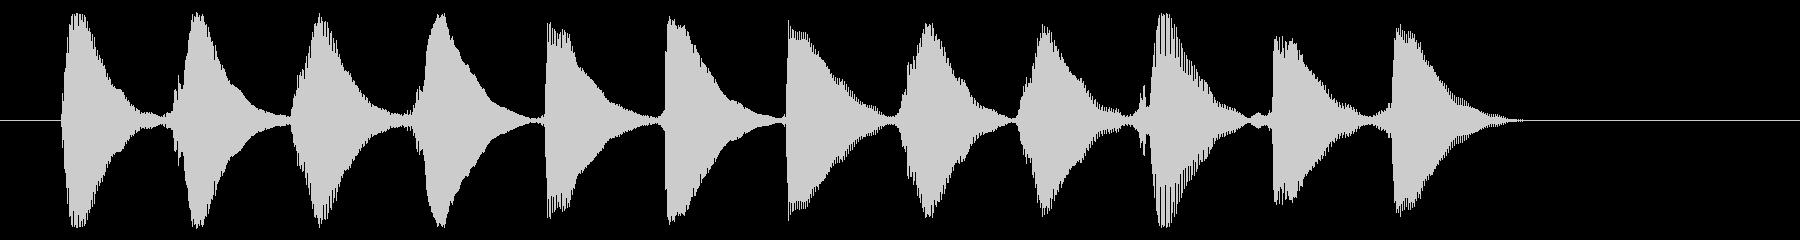 8ビット風システム音-16-4_dryの未再生の波形